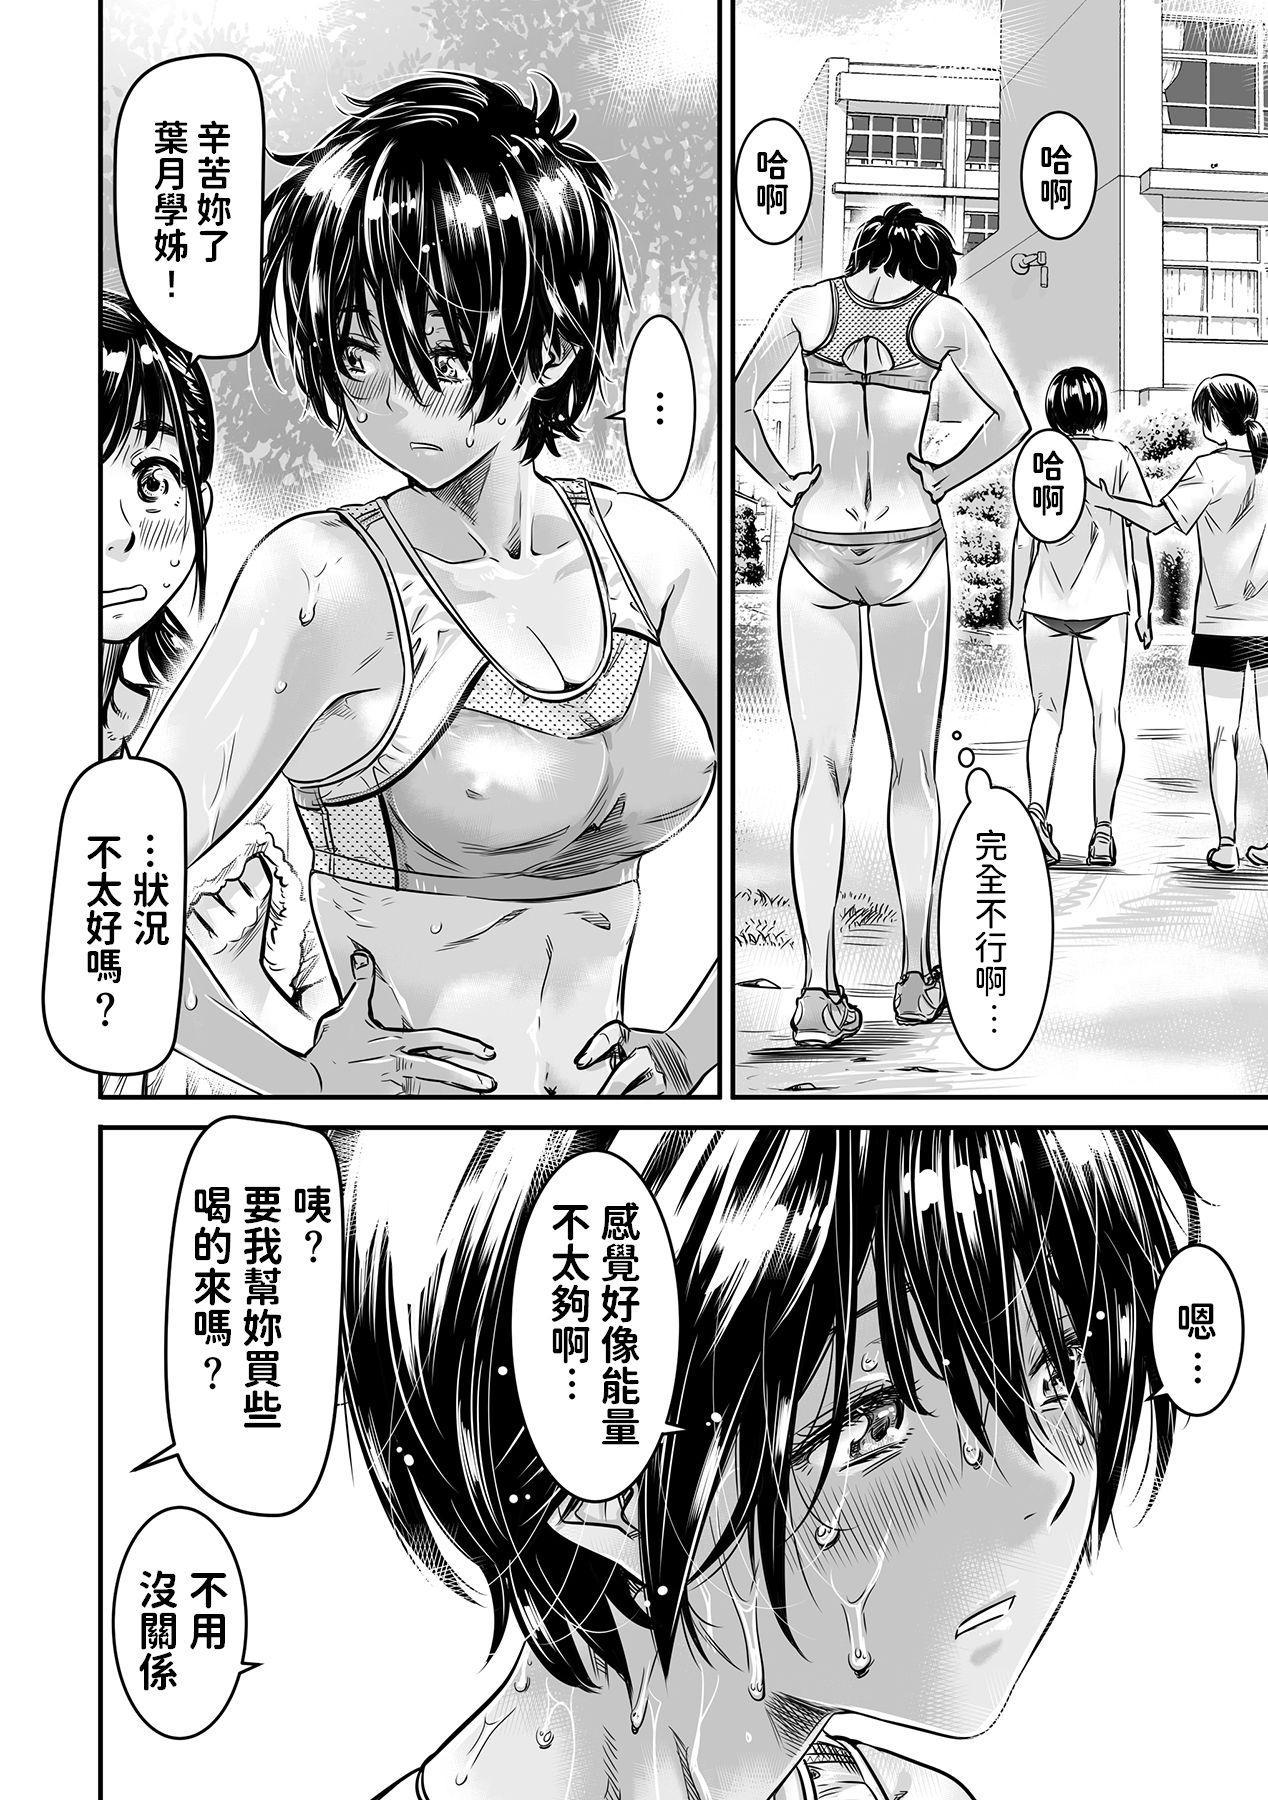 Shinchou 175cm no Rikujou Shoujo wa Kouhai Danshi no Seishi o Nomitagaru 5